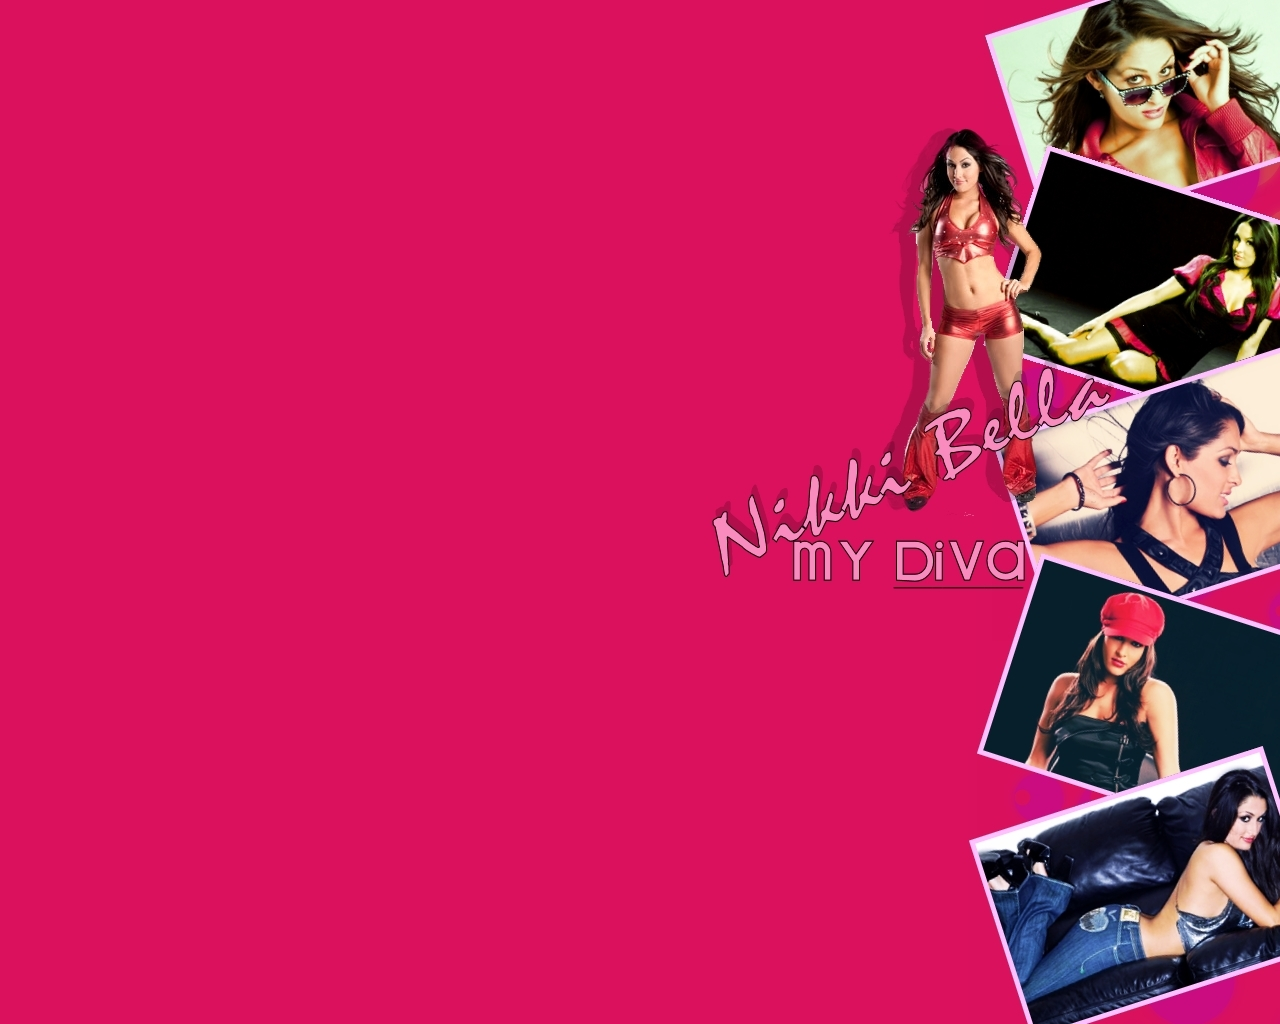 Bella The Bella Twins Wallpaper 14879157 Fanpop